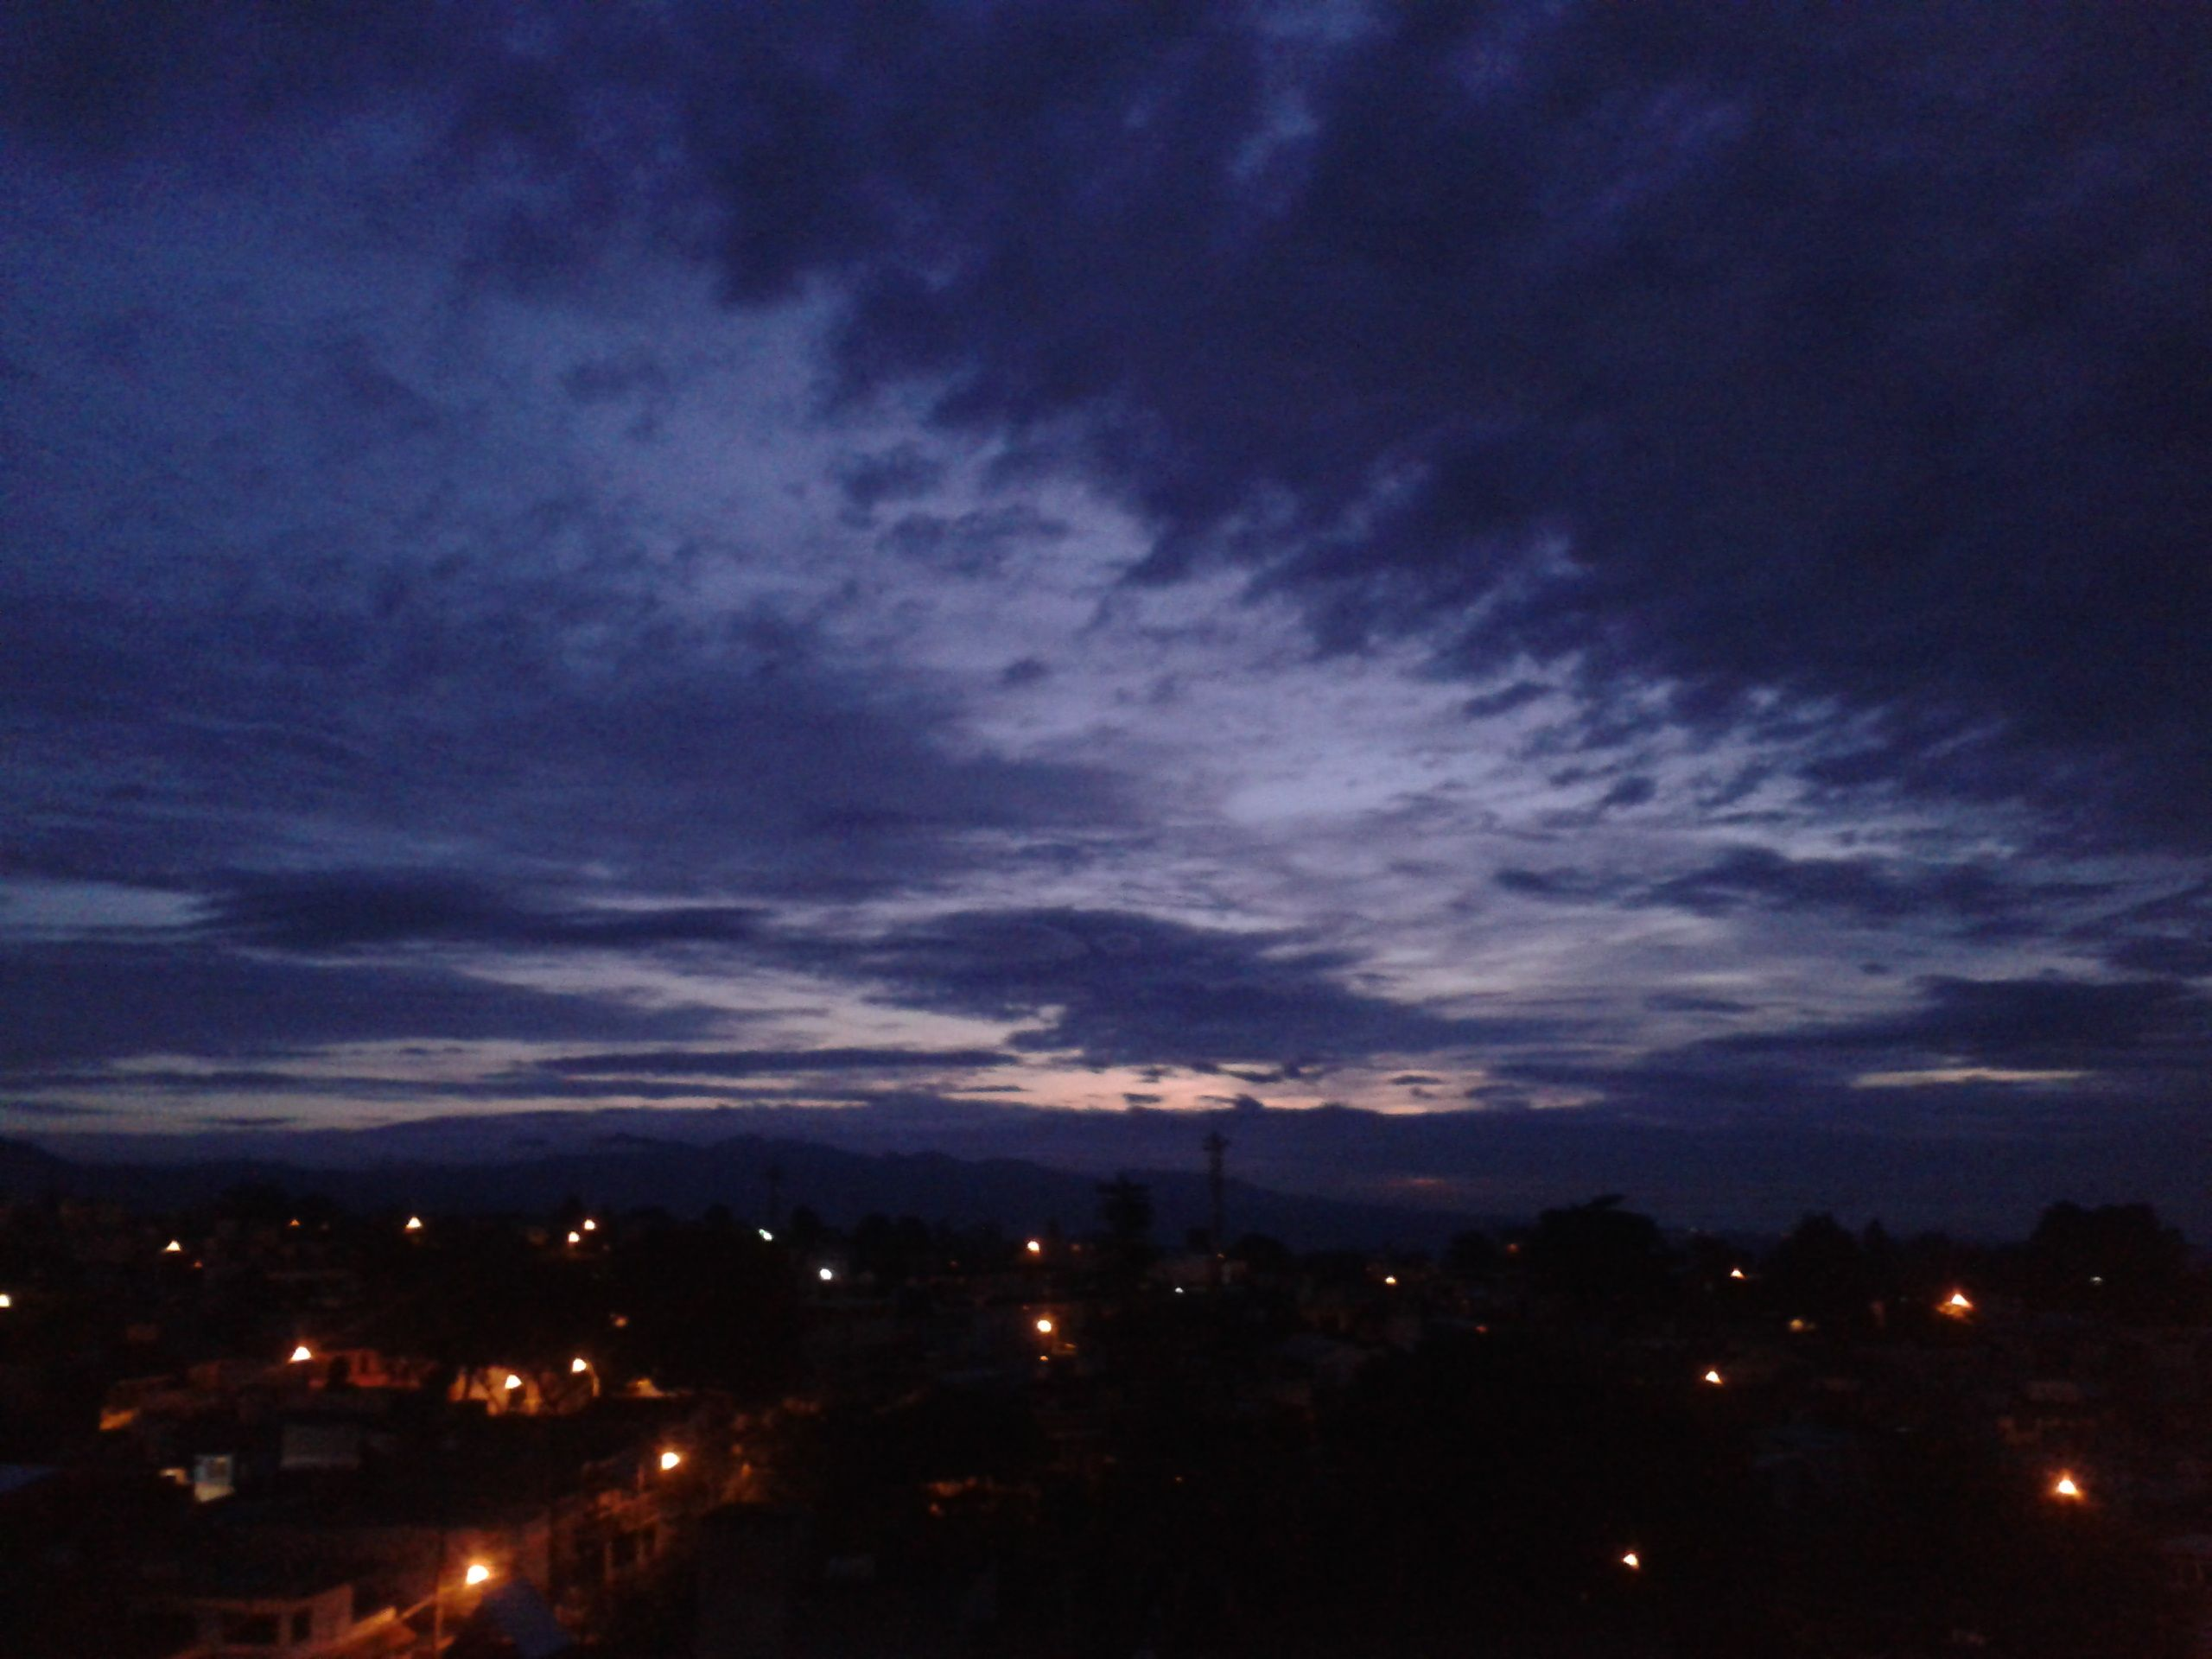 esta fotografía muestra el amanecer, enfocando la atención hacia la nubosidad encontrada en el cielo. HECHA POR SARA NELI